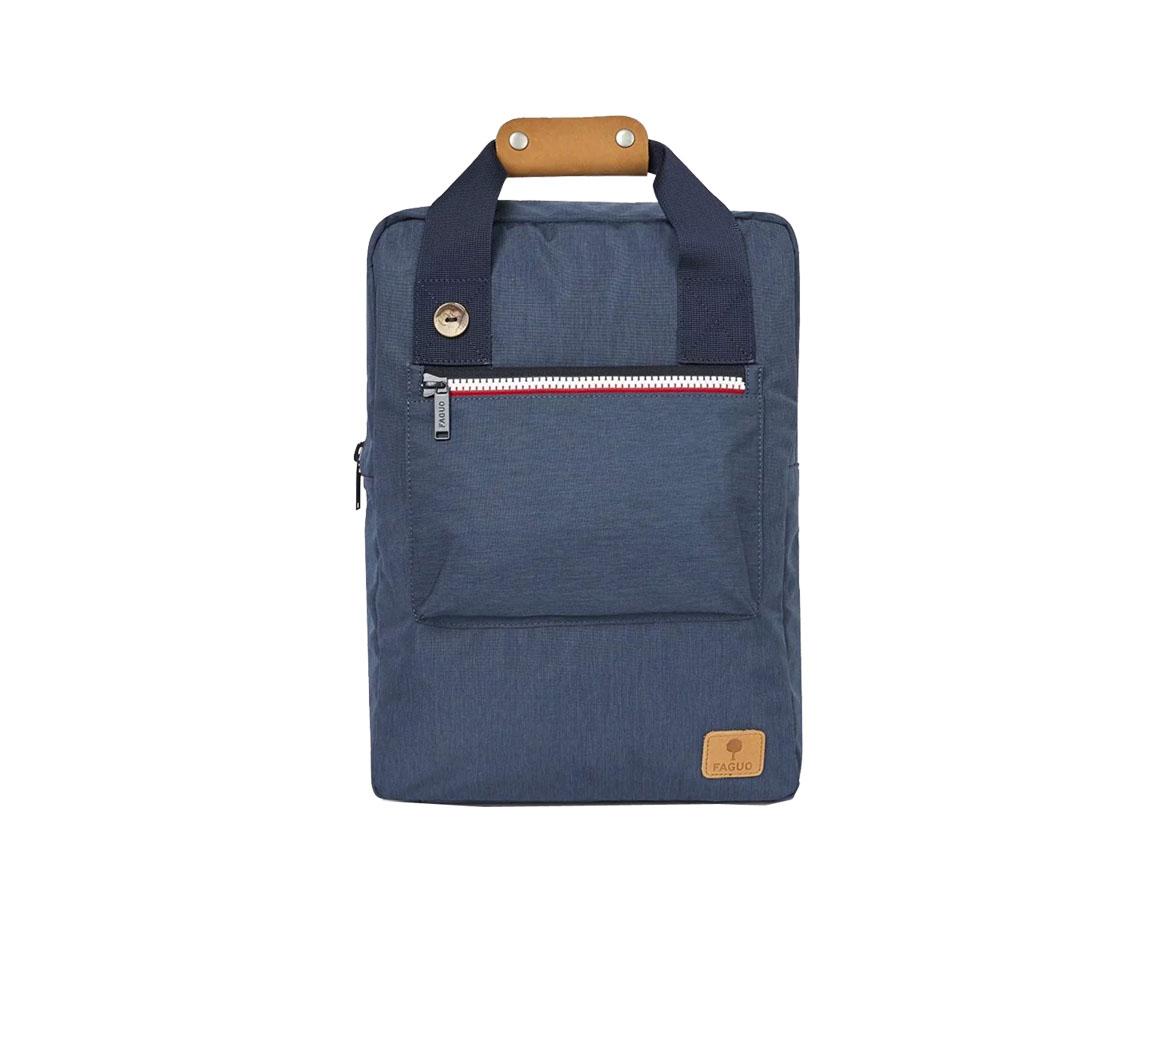 Sac à dos urbain Urban Bag toile